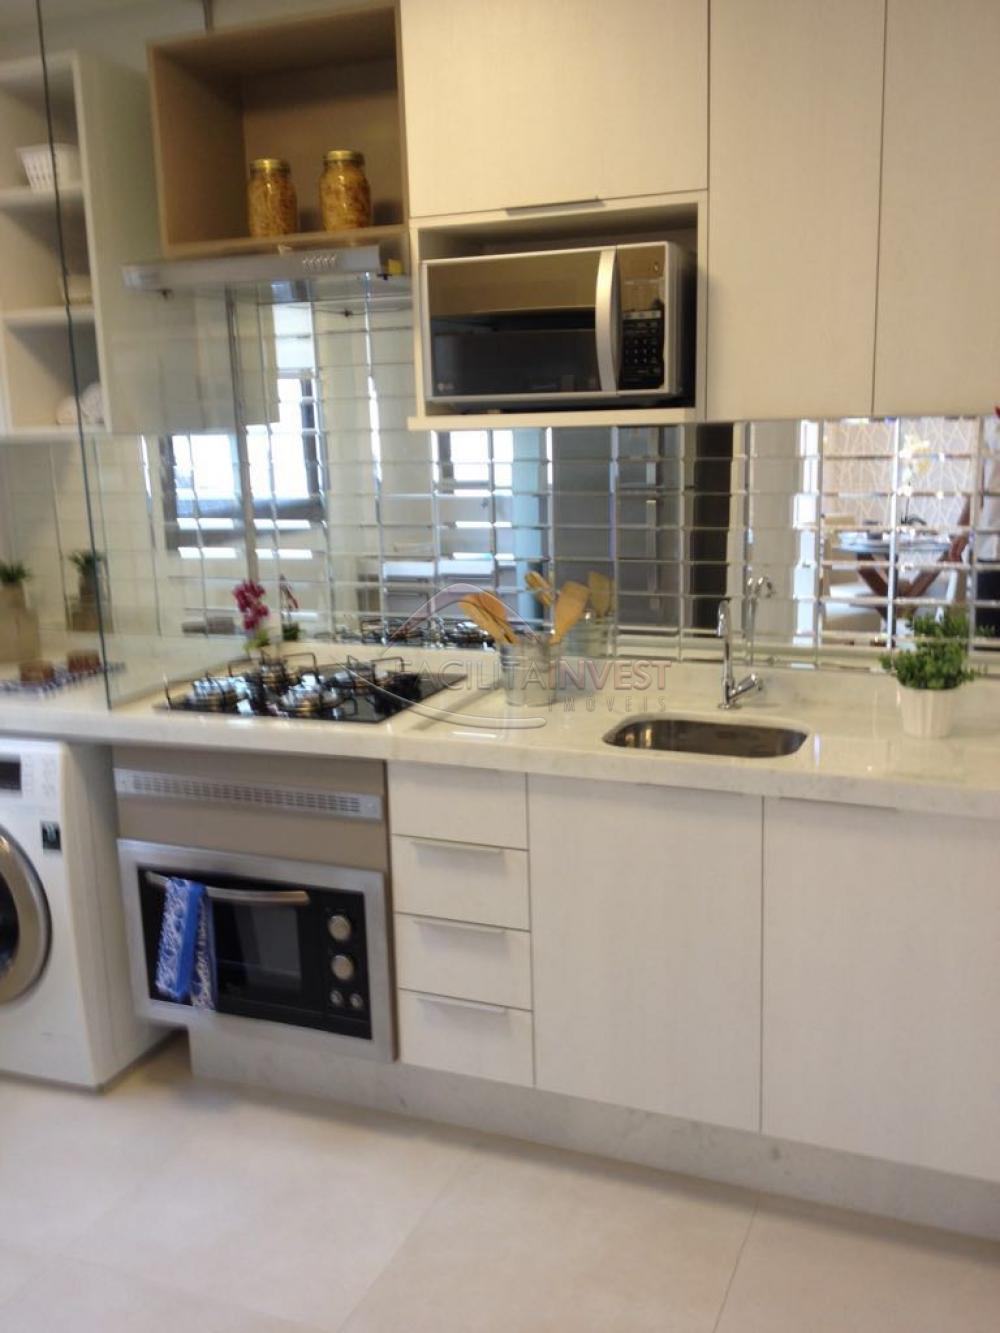 Comprar Apartamentos / Apart. Padrão em Ribeirão Preto apenas R$ 277.149,00 - Foto 9